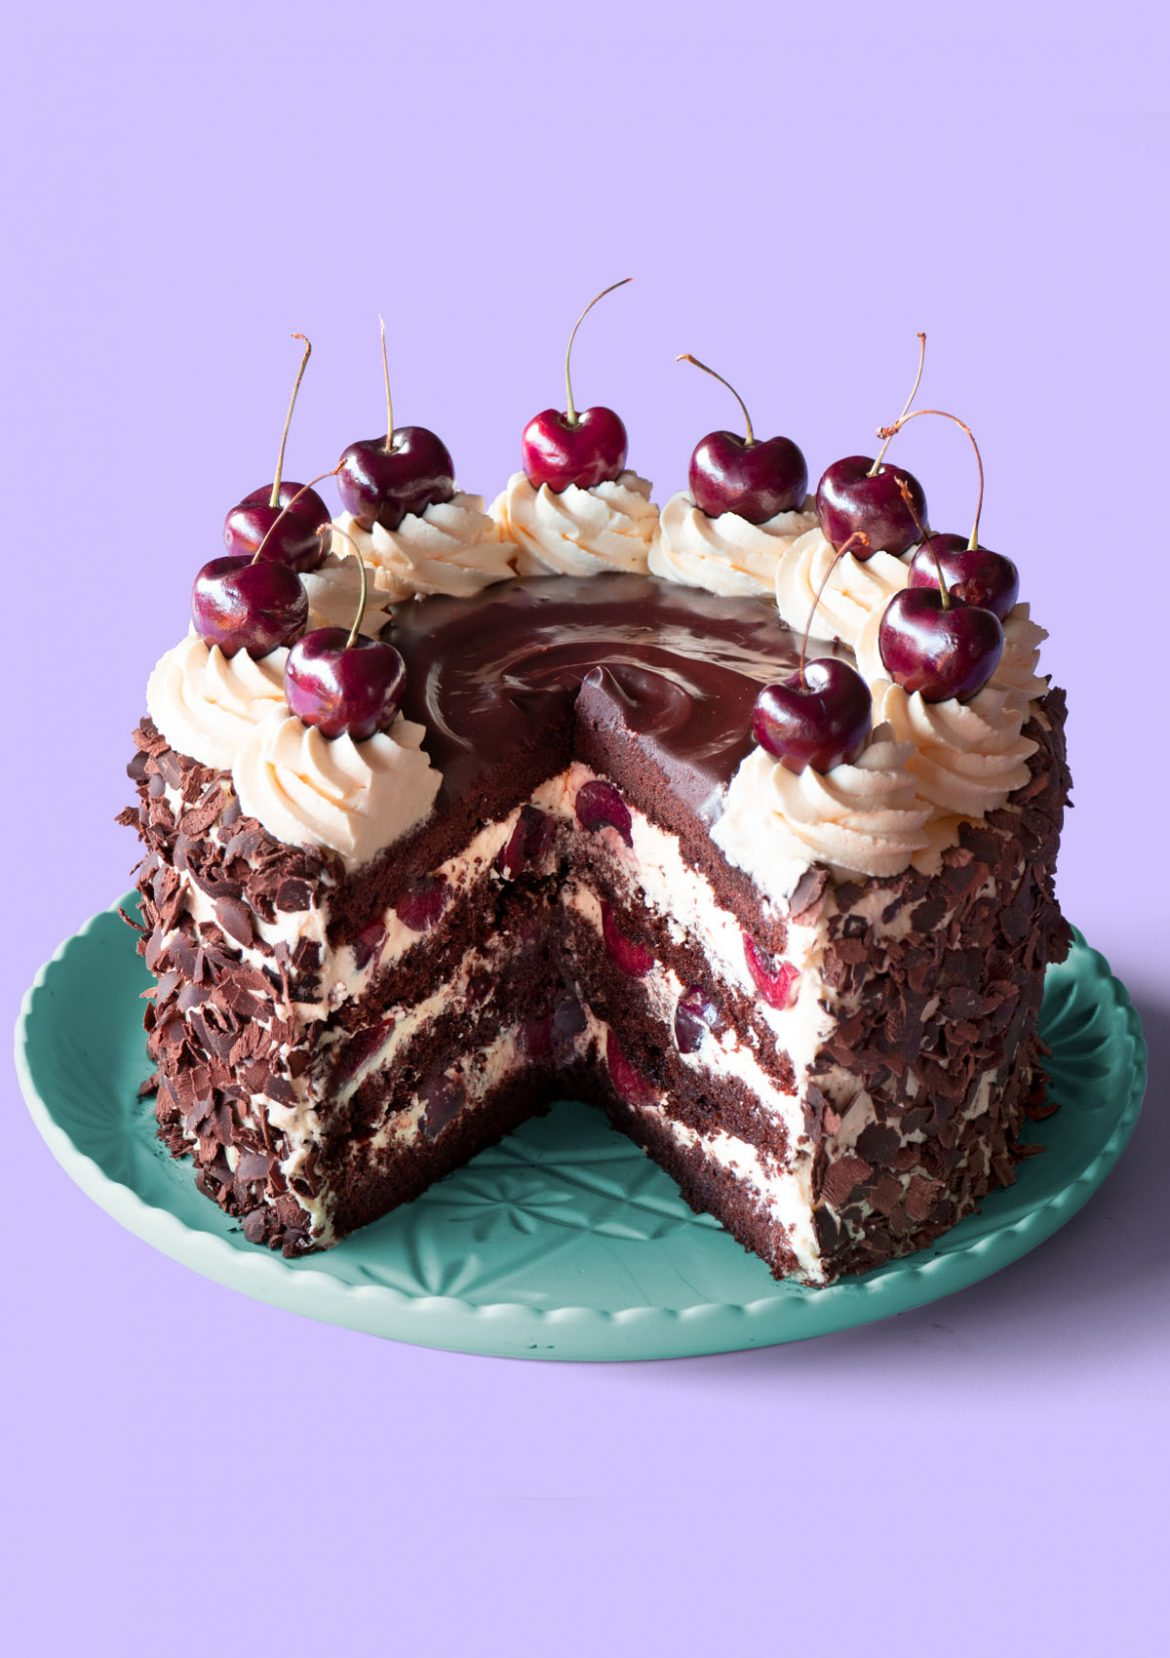 Black Forest Cake Image 01